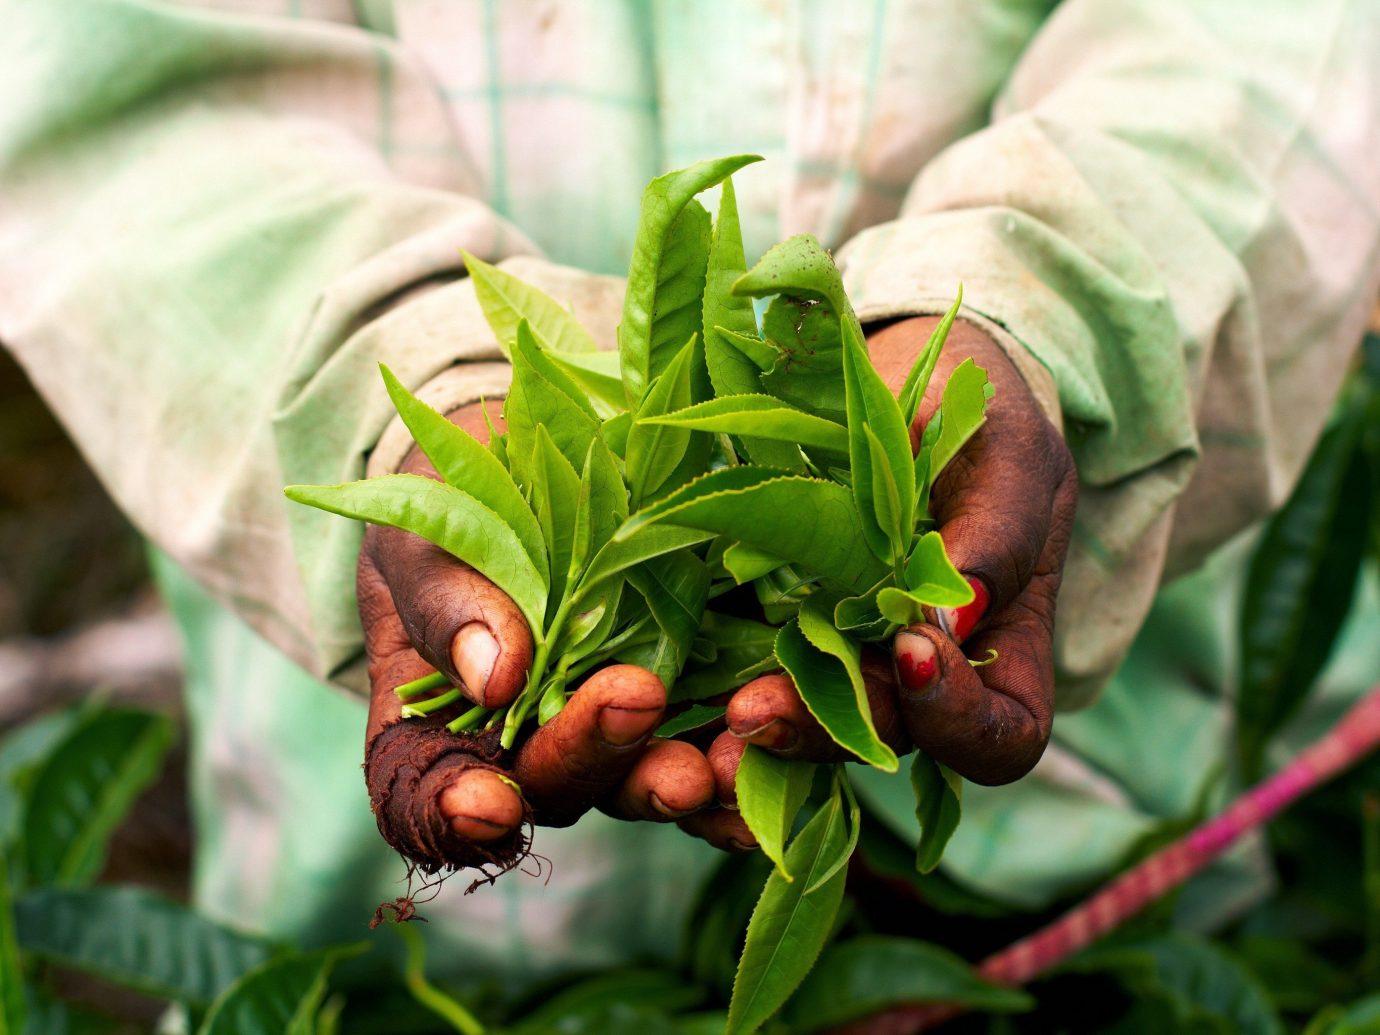 Travel Tips plant green flora produce botany flower food leaf land plant flowering plant fruit Jungle vegetable fresh